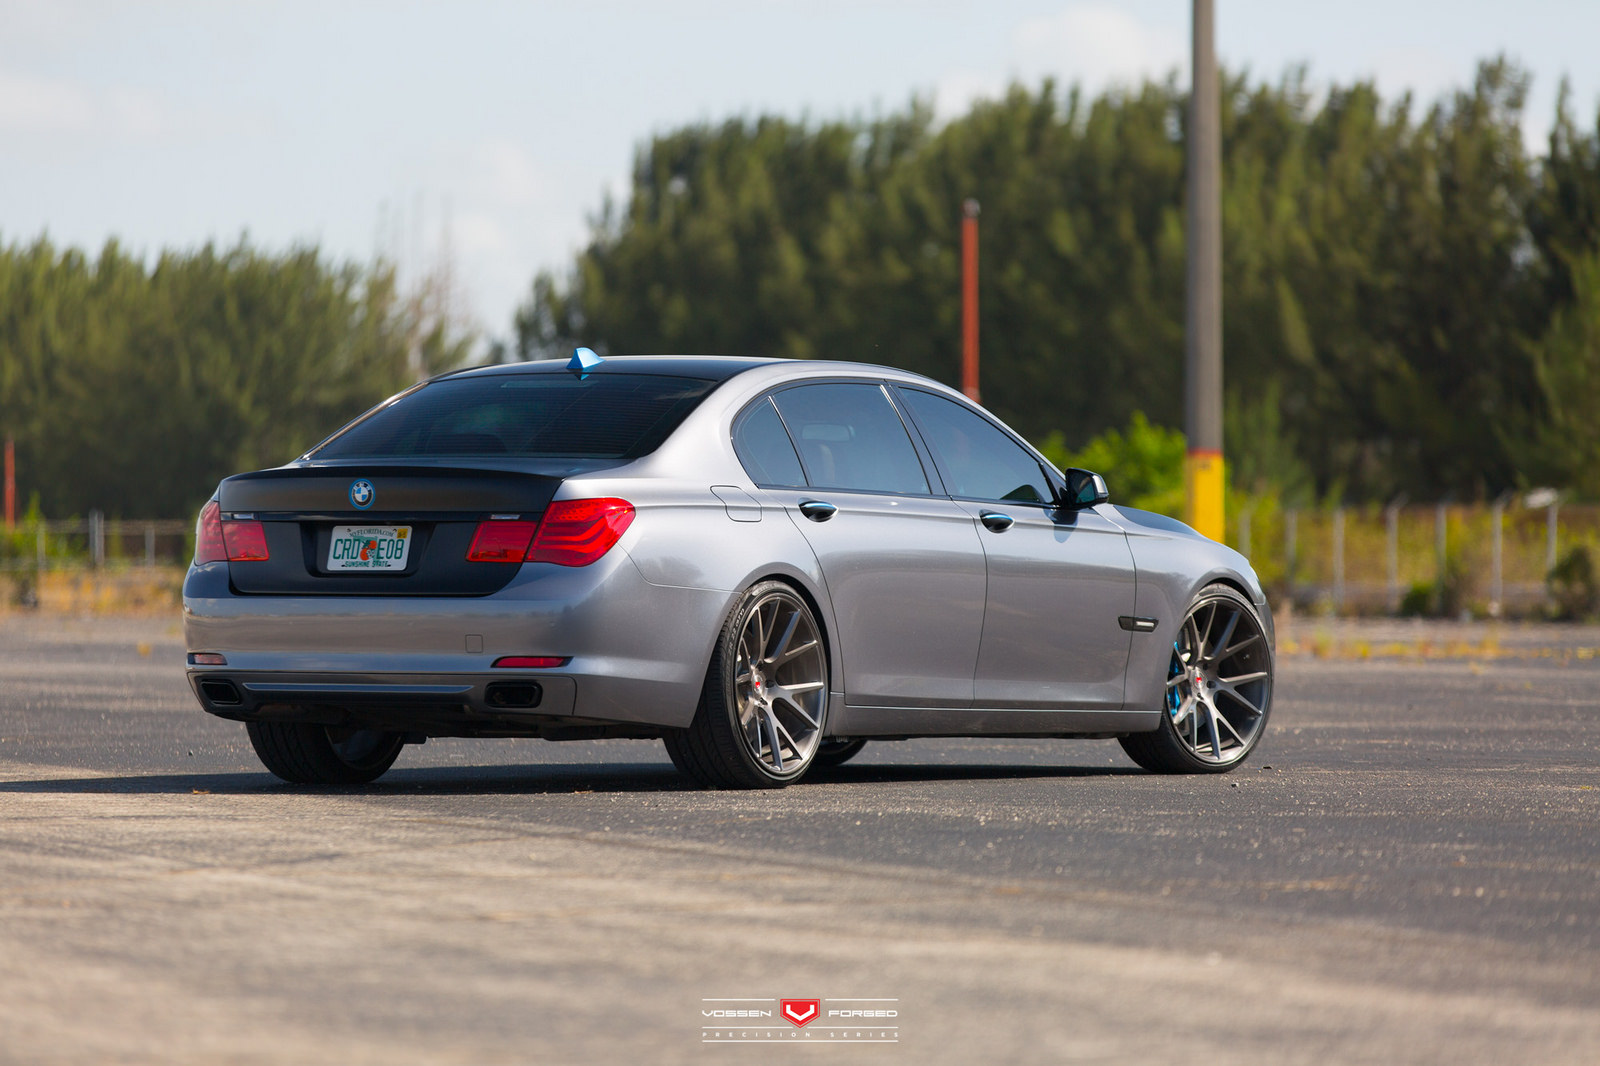 BMW 7 Series With Vossen Wheels 6